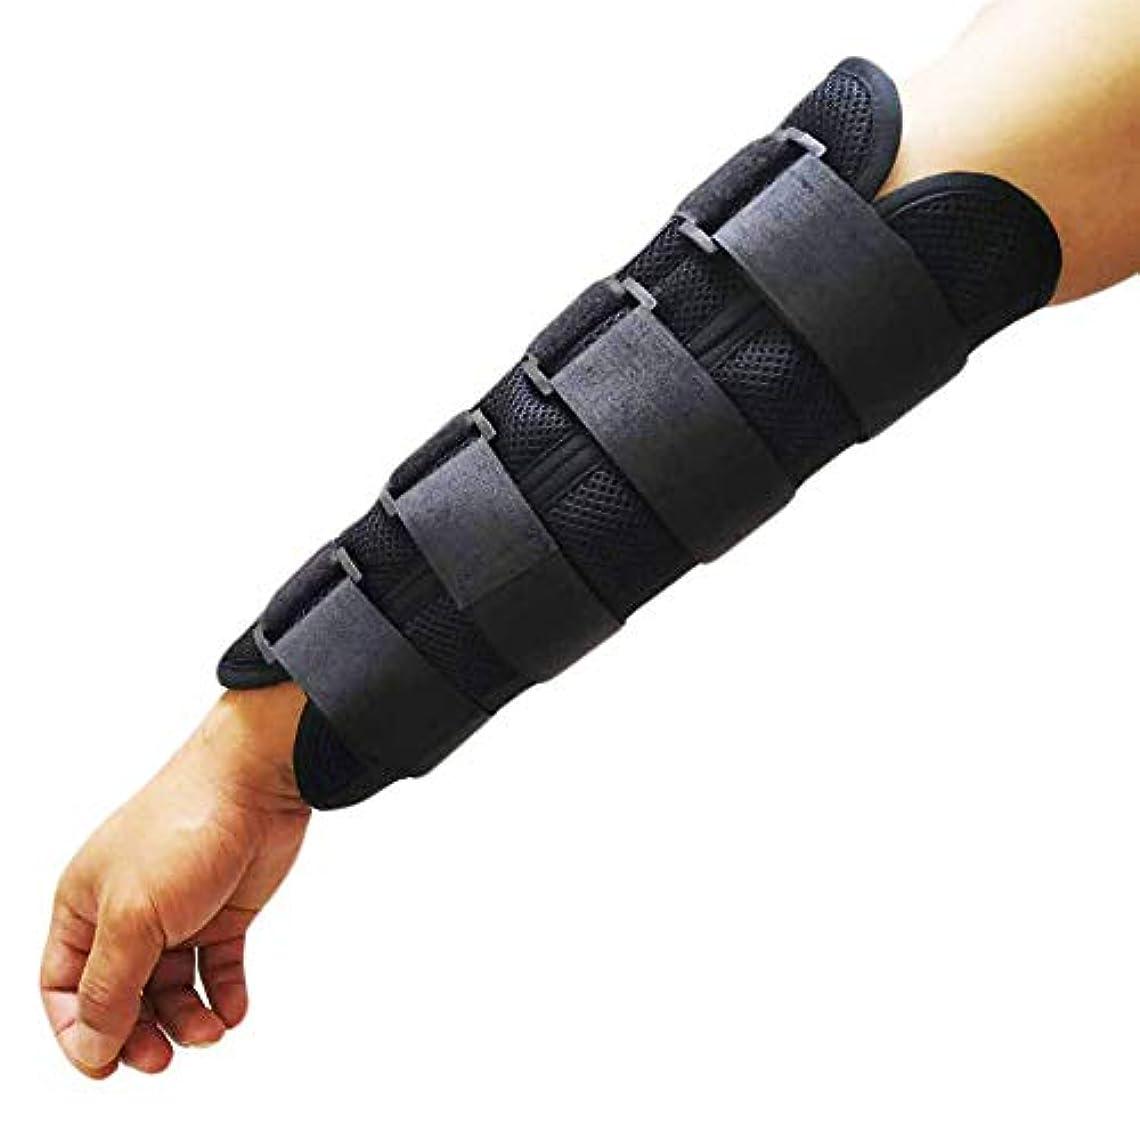 苦行スカープ地震手首と前腕の副木調整可能な前腕の装具 固定サポート捻S、脱臼、関節炎、腱炎のナイトスプリント,S